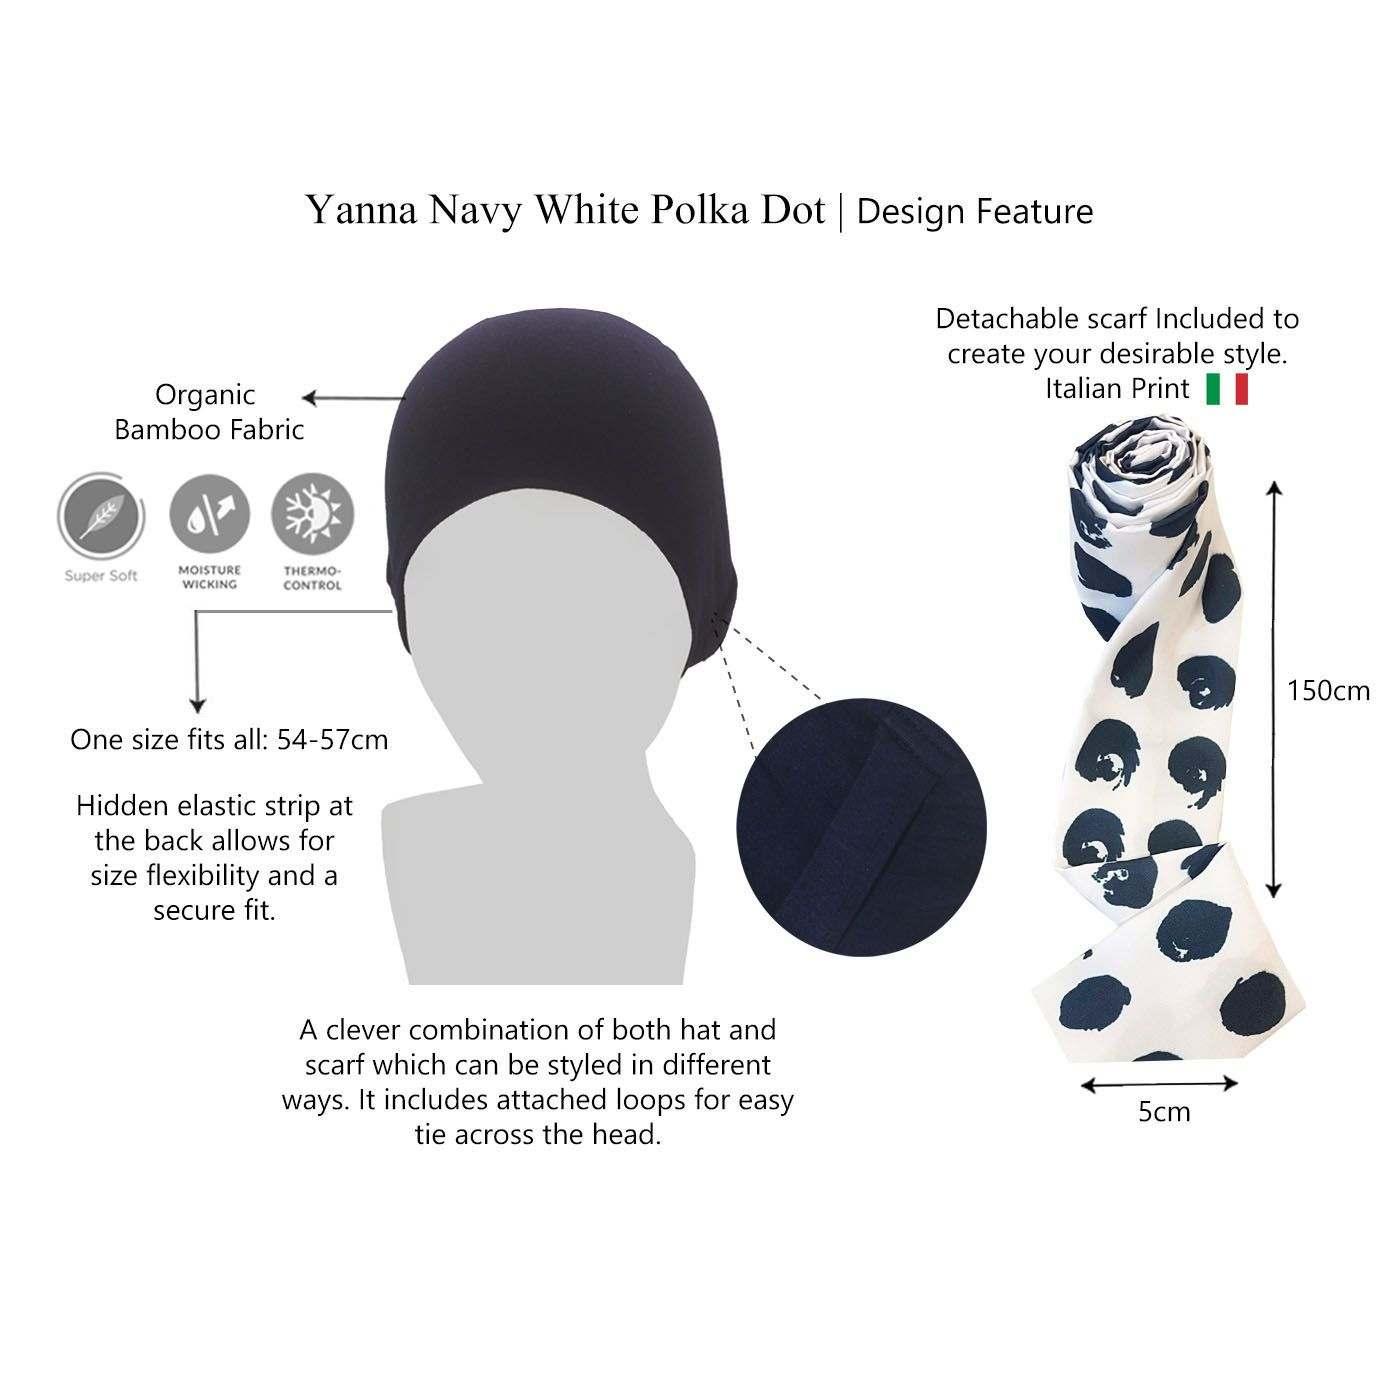 Yanna Navy White Polka Dot